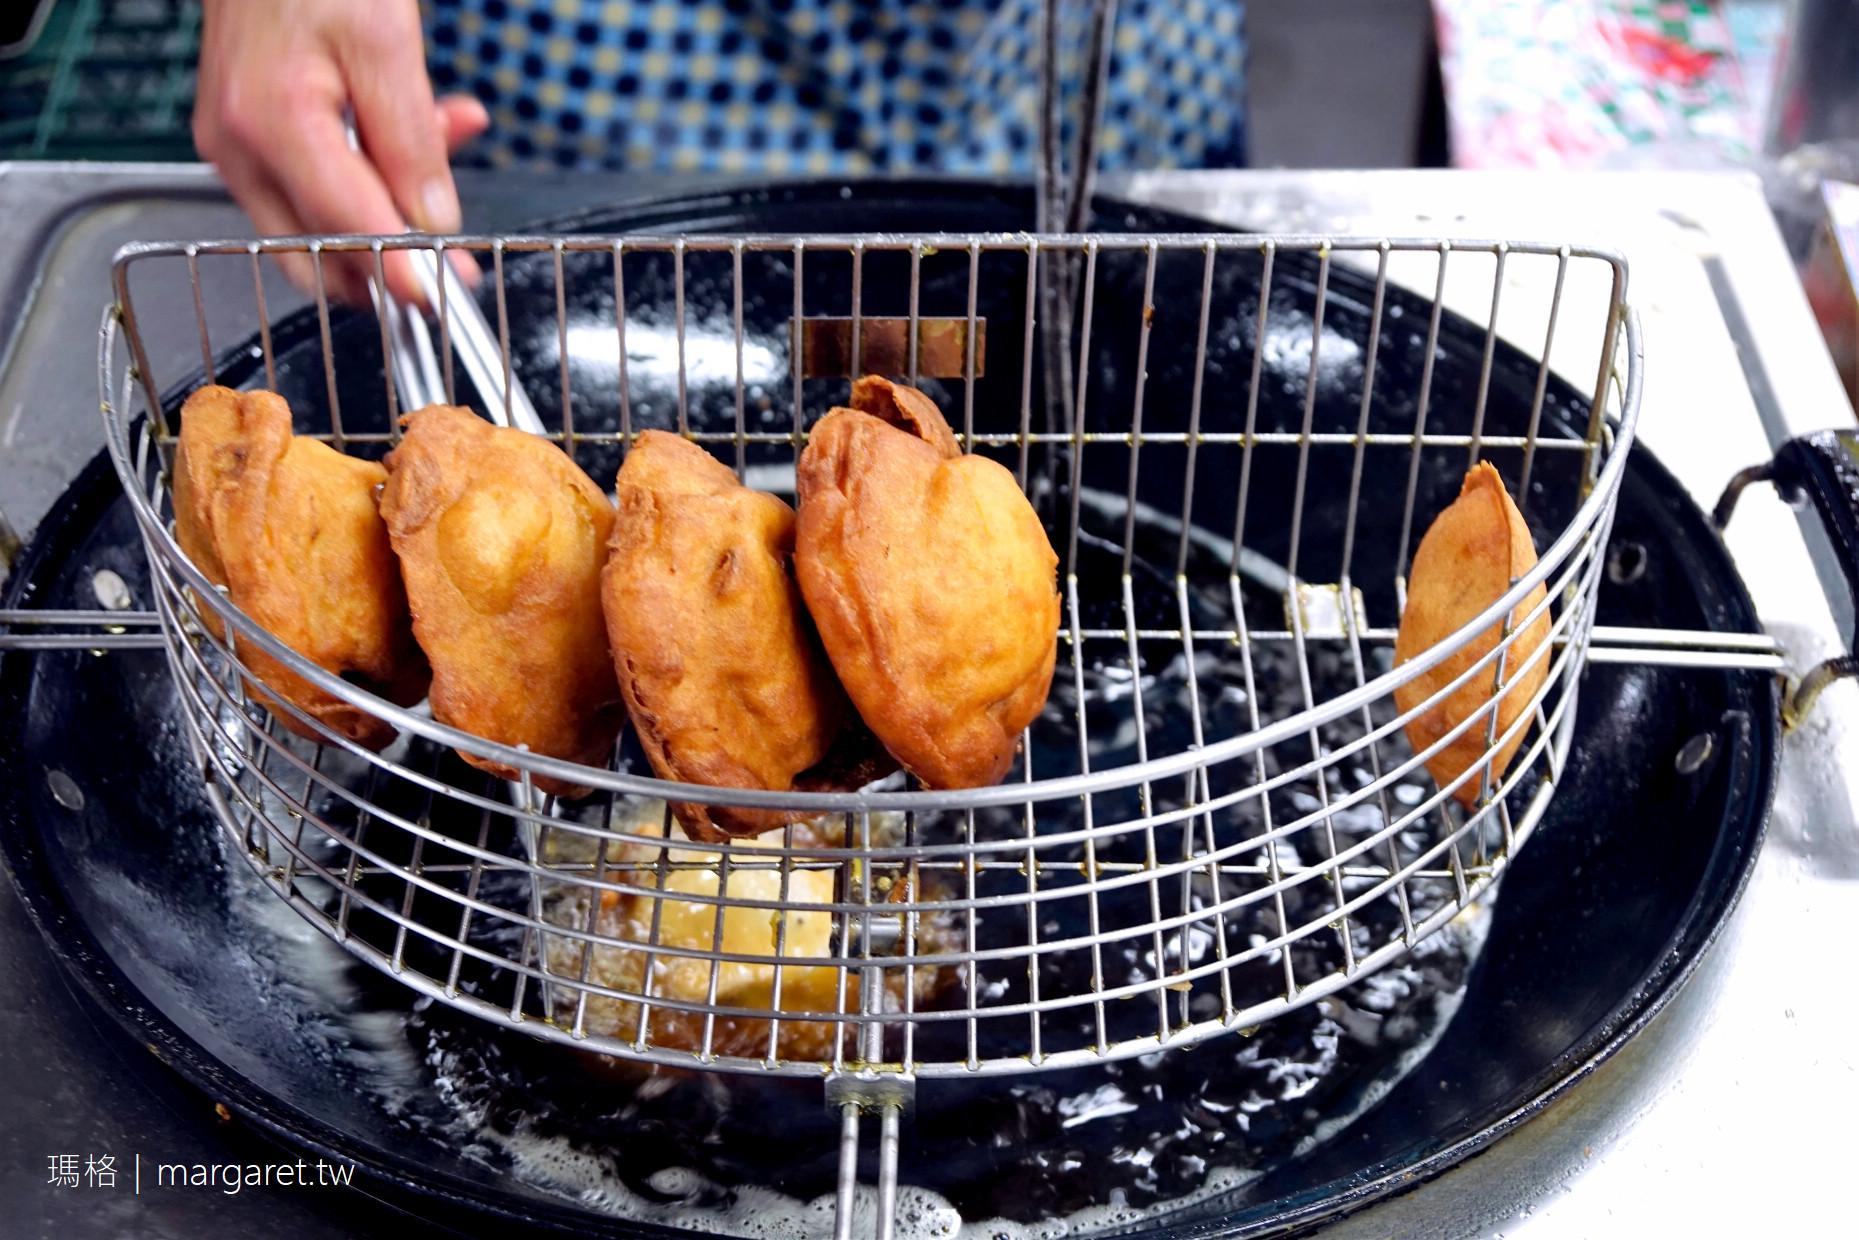 馬祖特色早餐:蠣餅(虫弟餅)|南竿介壽獅子市場 @瑪格。圖寫生活